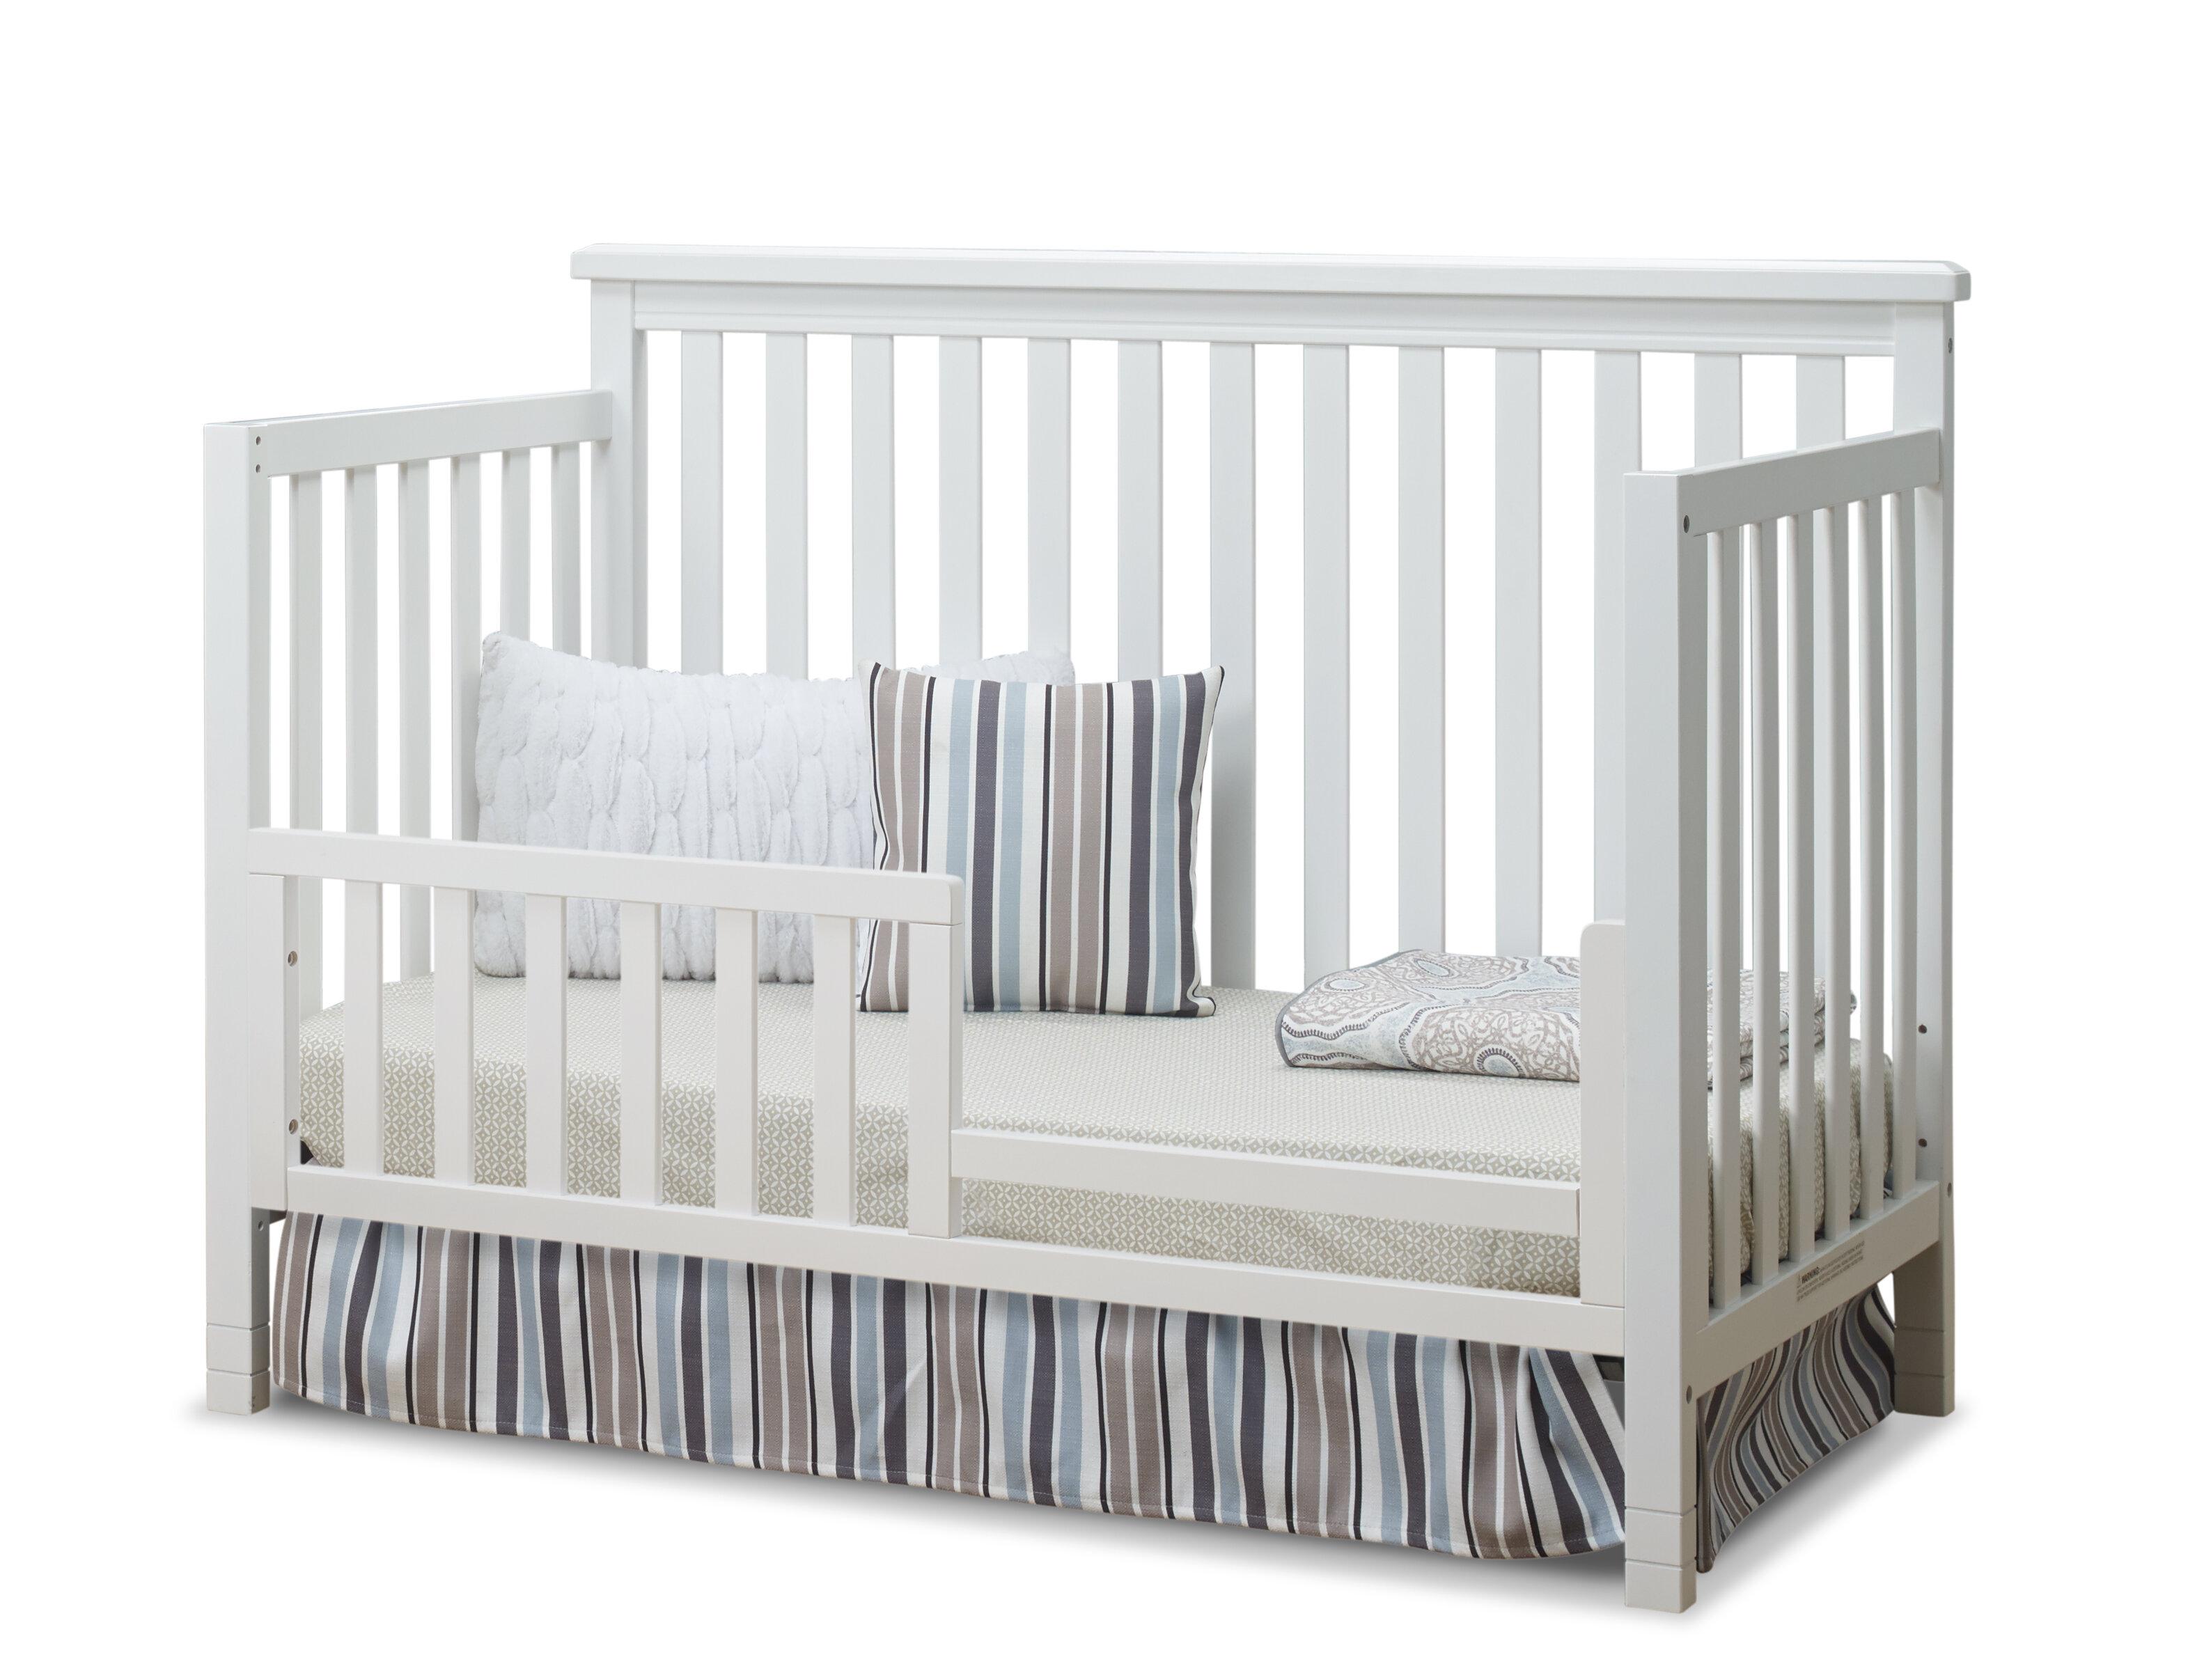 Sorelle Berkley 4 In 1 Convertible Crib Reviews Wayfair